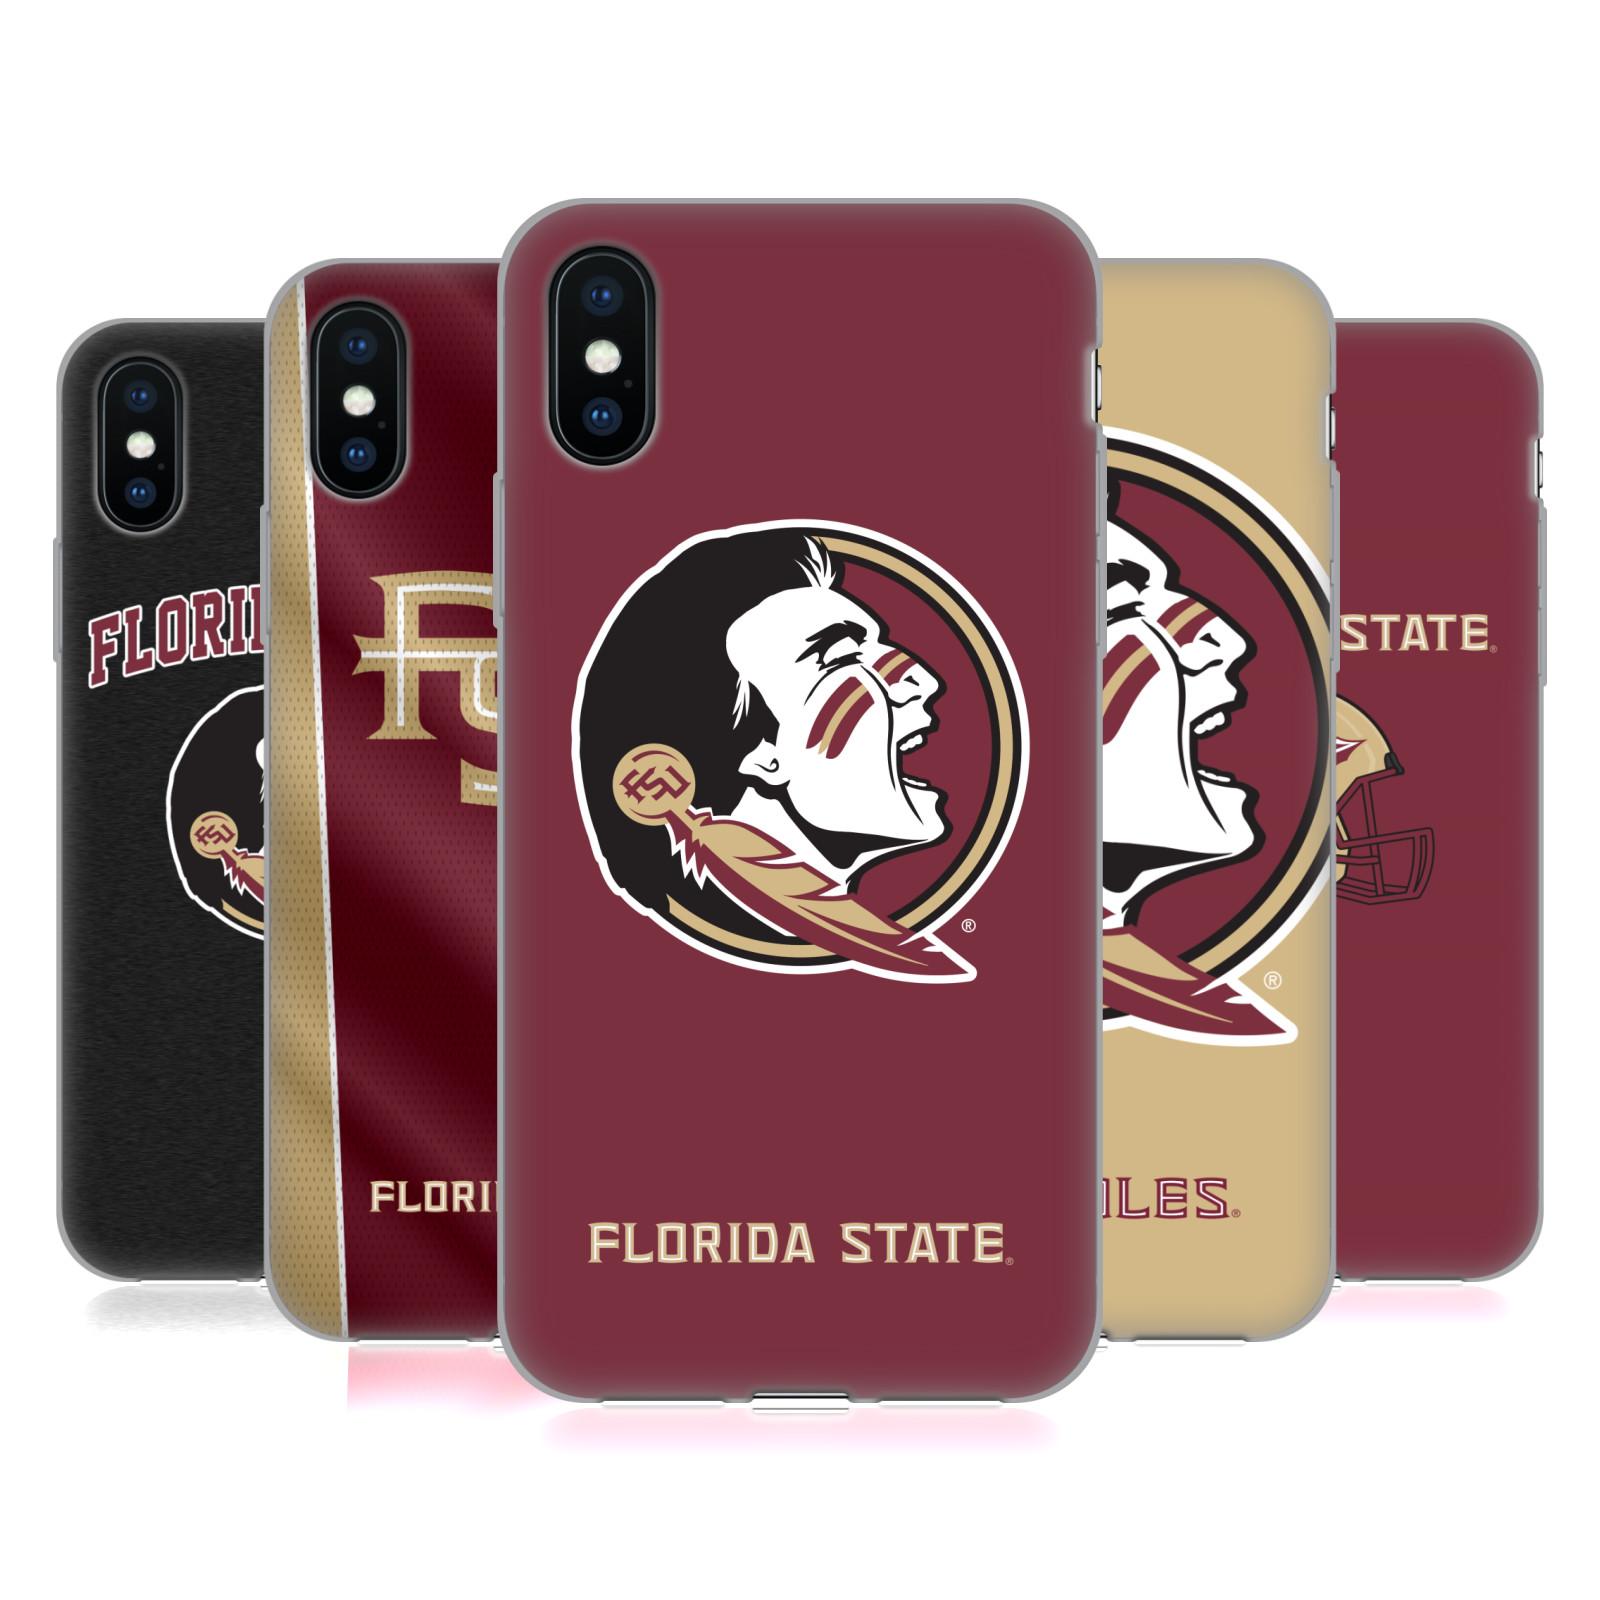 Florida State University FSU Florida State University